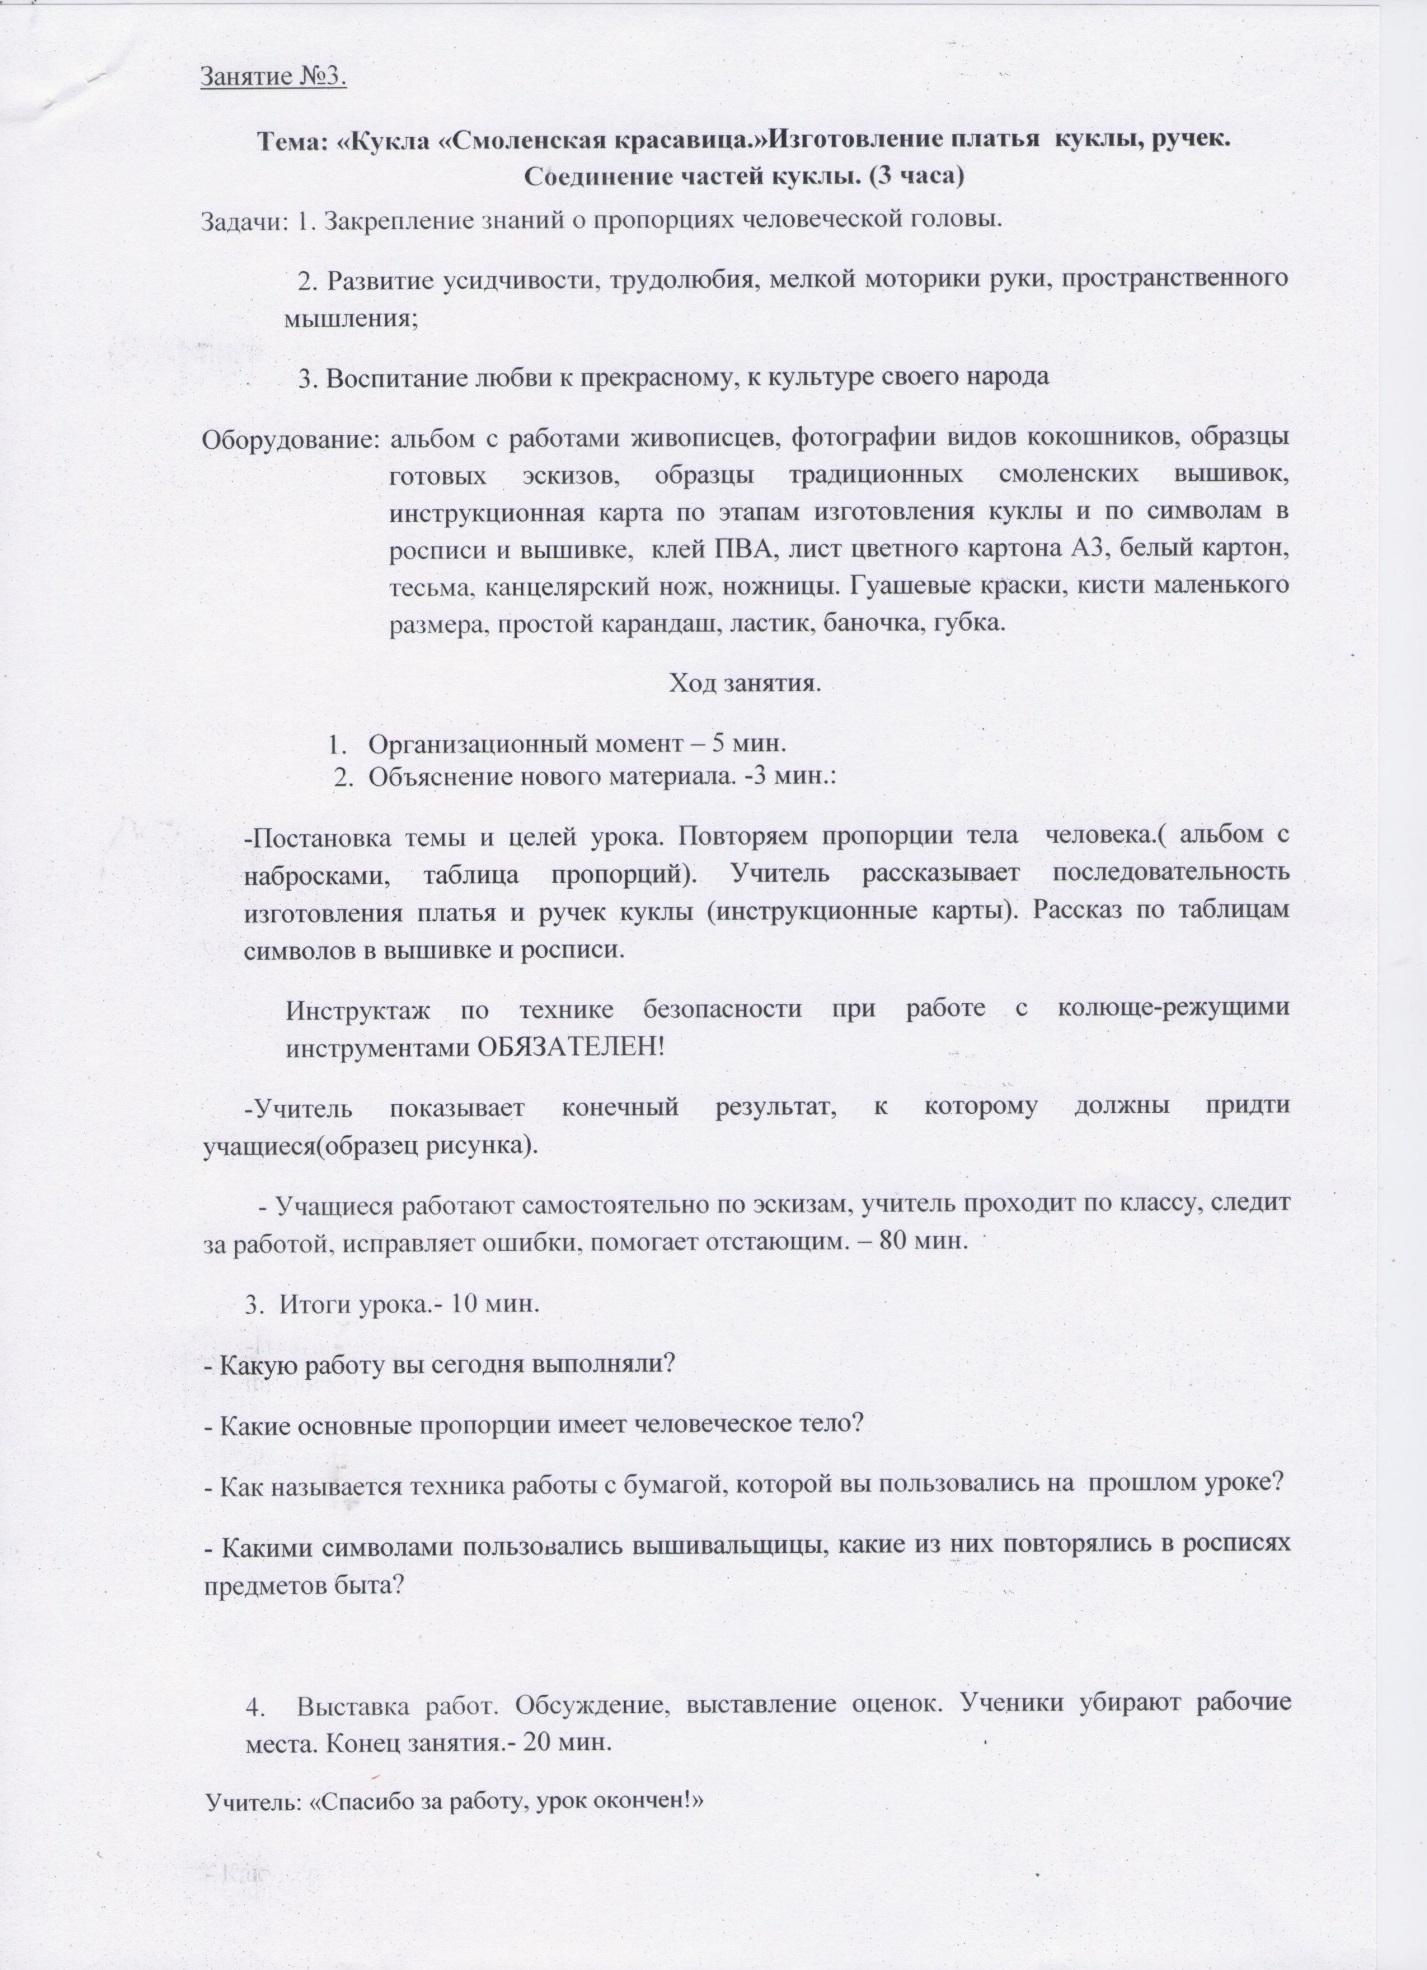 D:\с флешки\Методическая разработка\6. Занятие№3.jpg